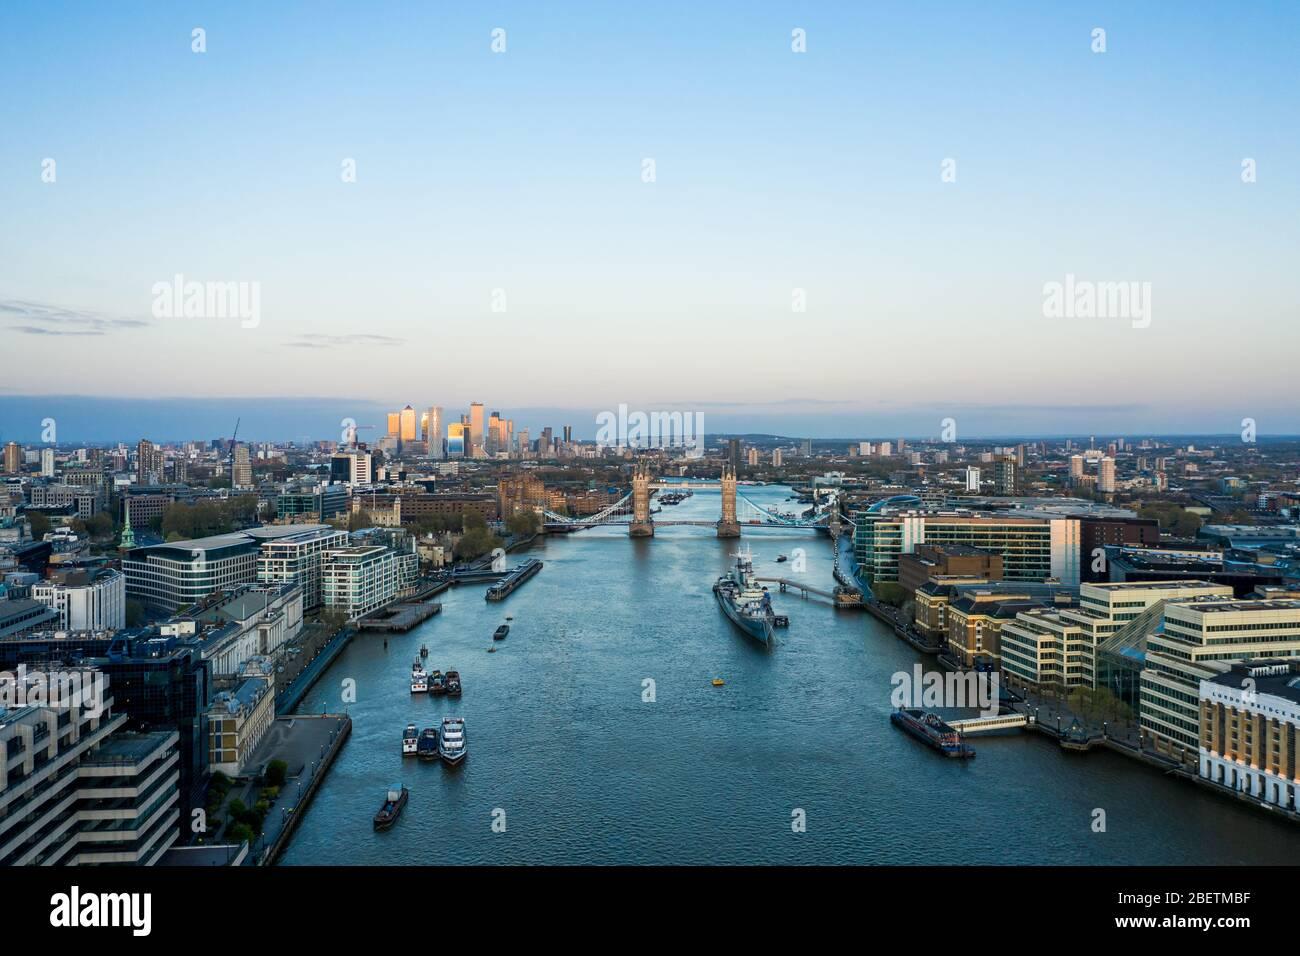 Vista aérea de London Shard de la casa de la ciudad y el puente de Londres Foto de stock